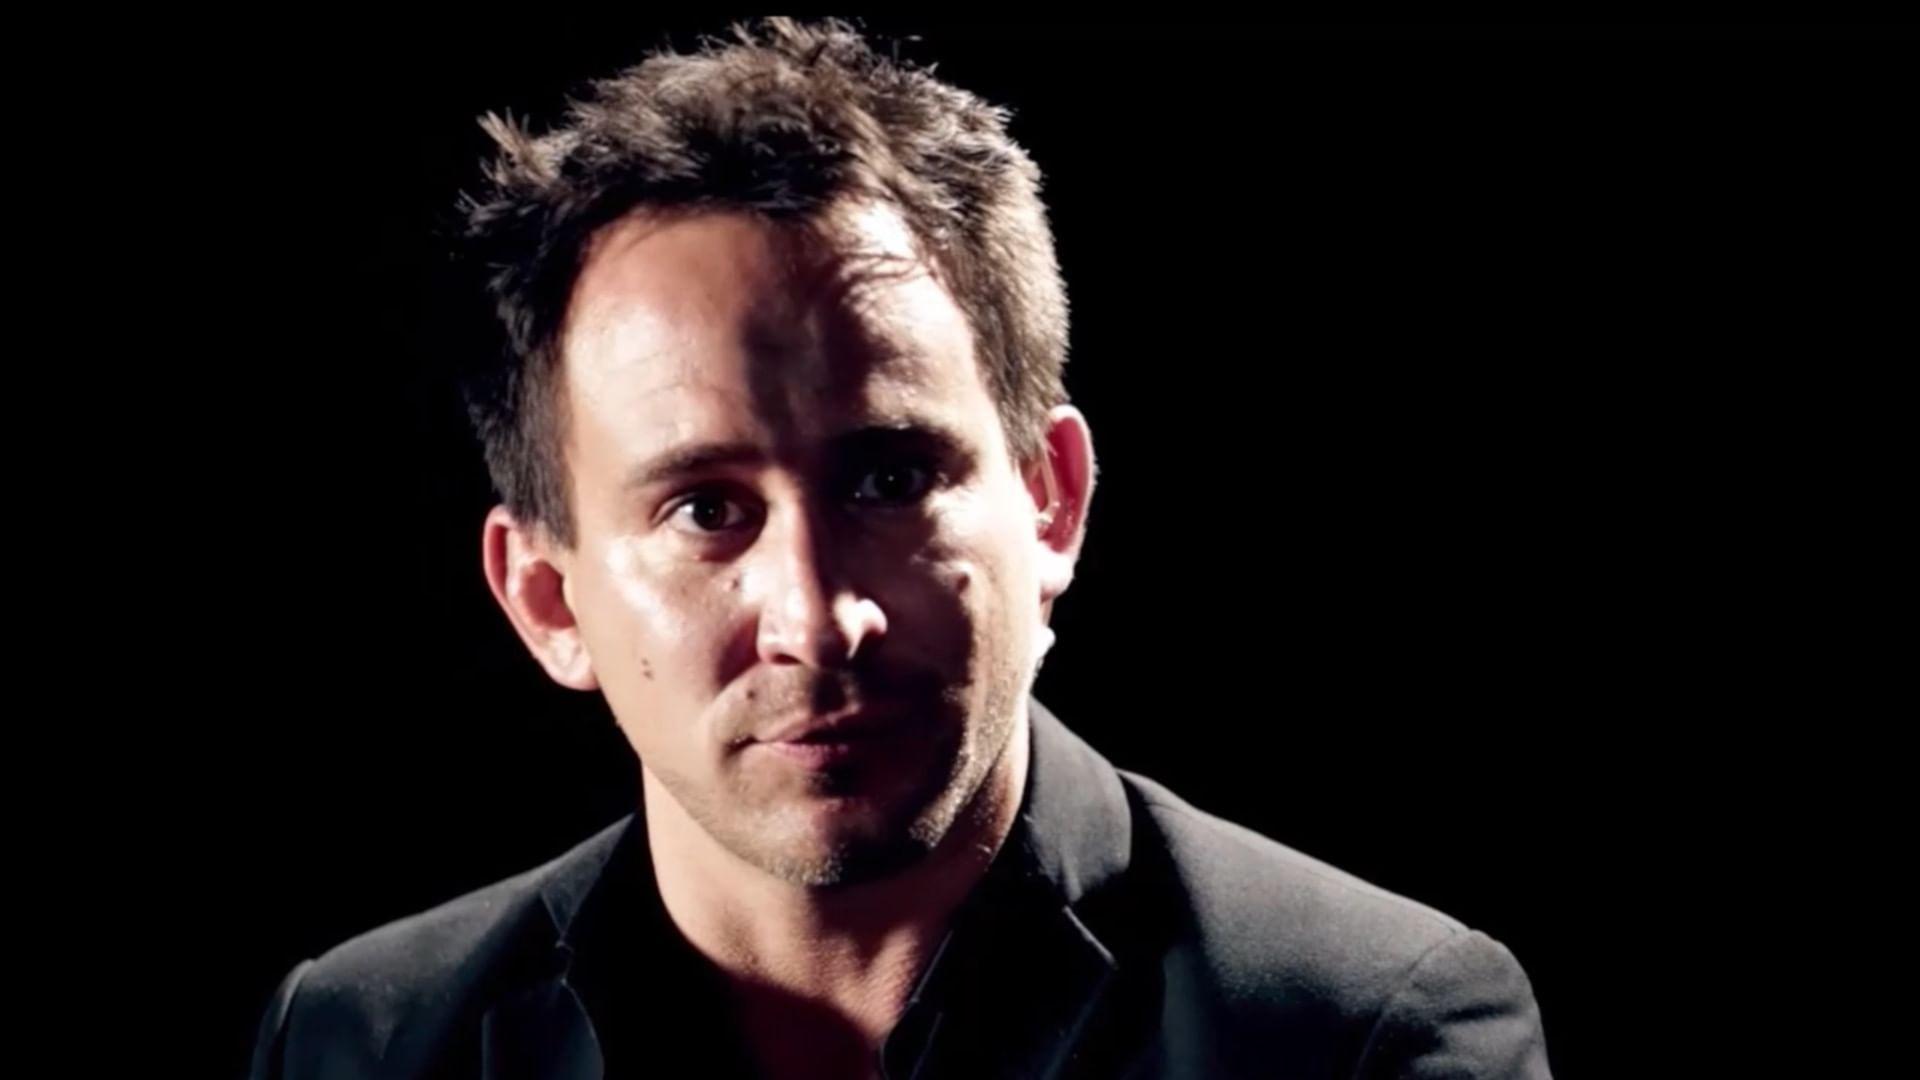 Syrien, 10 Jahre, 10 Fotos